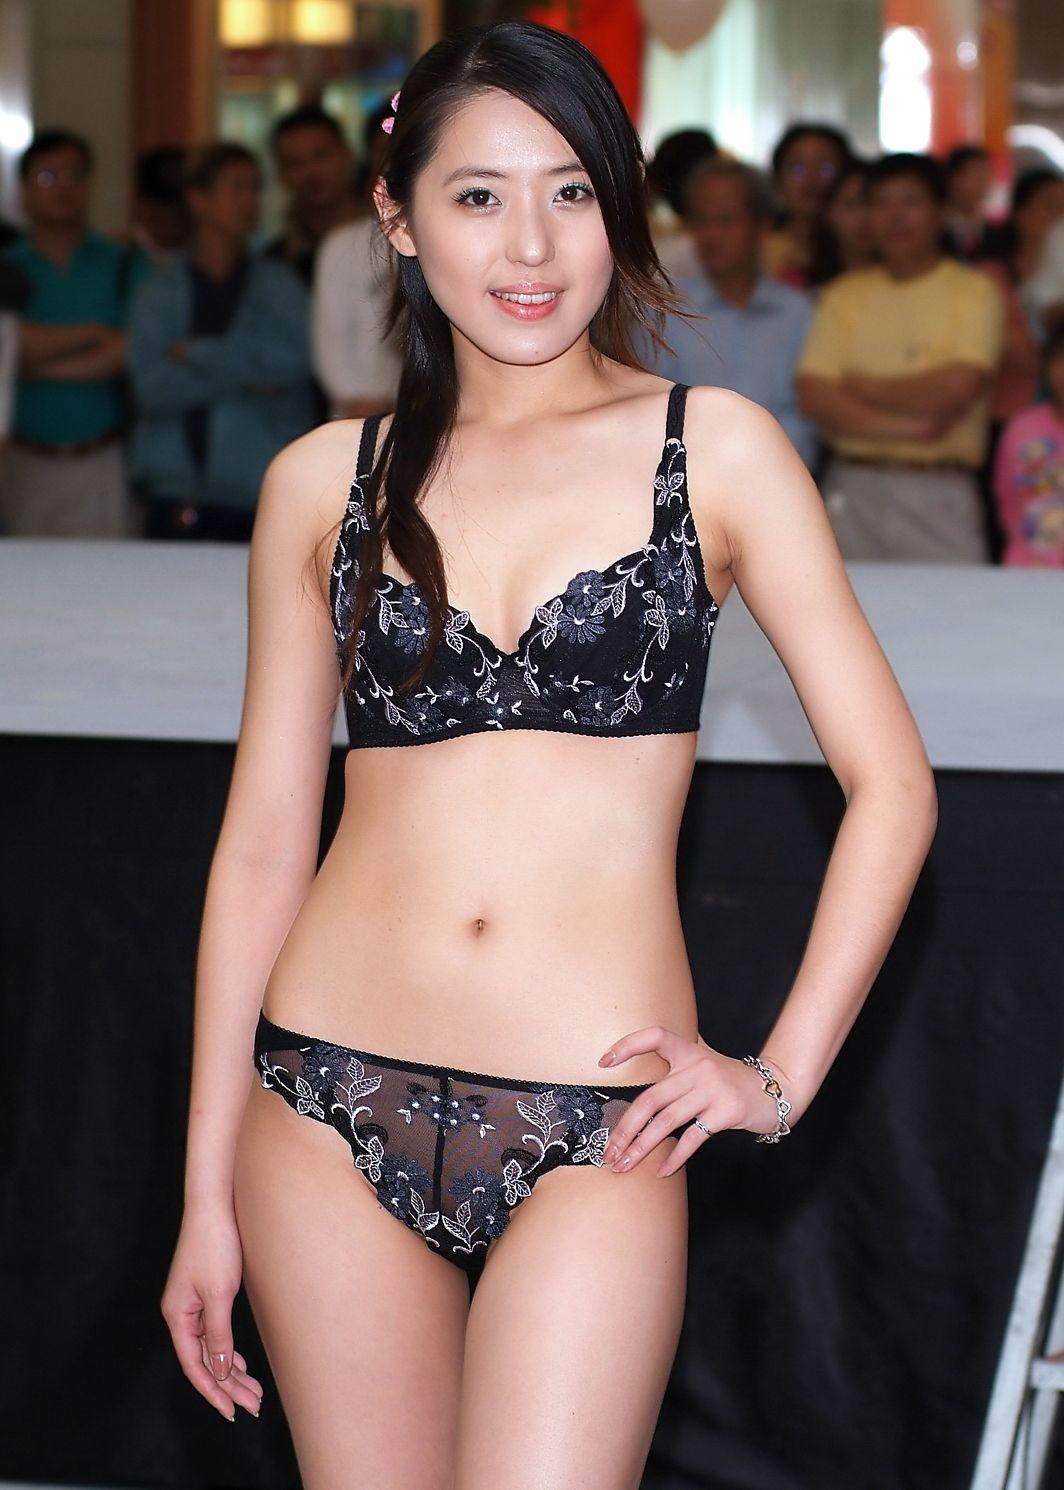 中国人美女の下着モデルのファッションショー…マン毛透けてるのは気のせいだろうか?wwwww(画像あり)・27枚目の画像